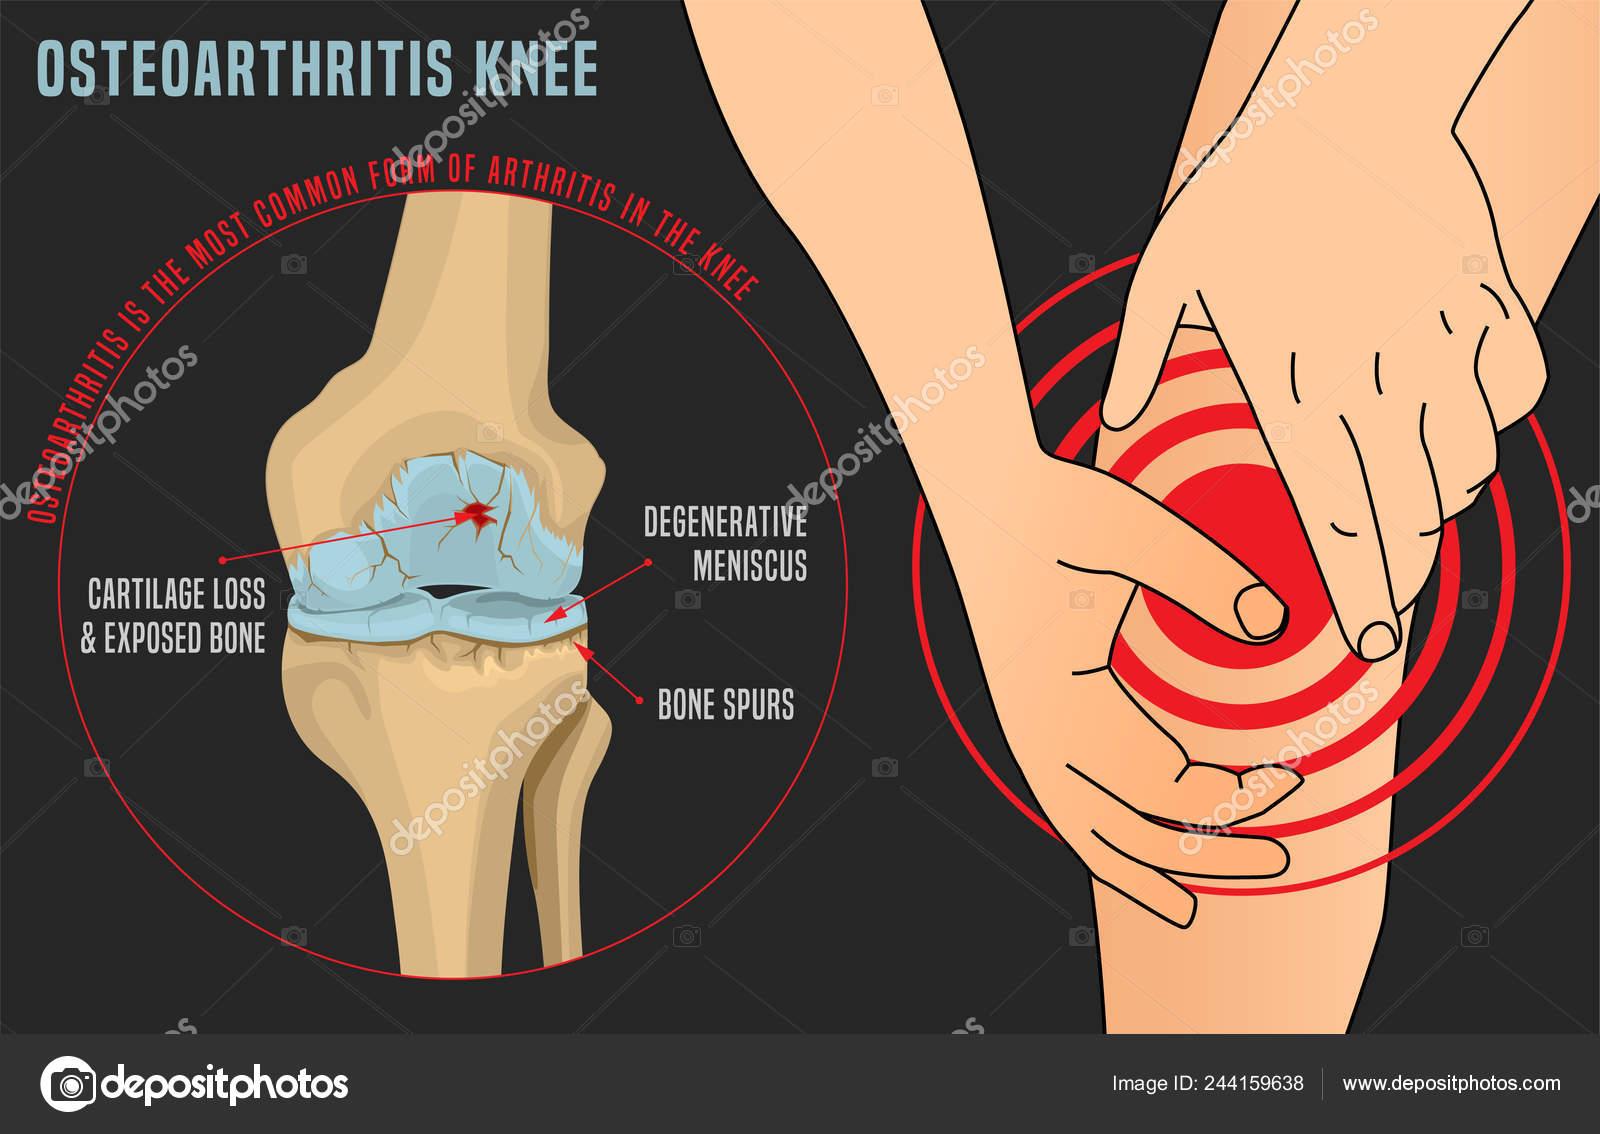 térd kenőcső osteoarthrosis artrózis artritisz hidrogén-peroxid kezelés